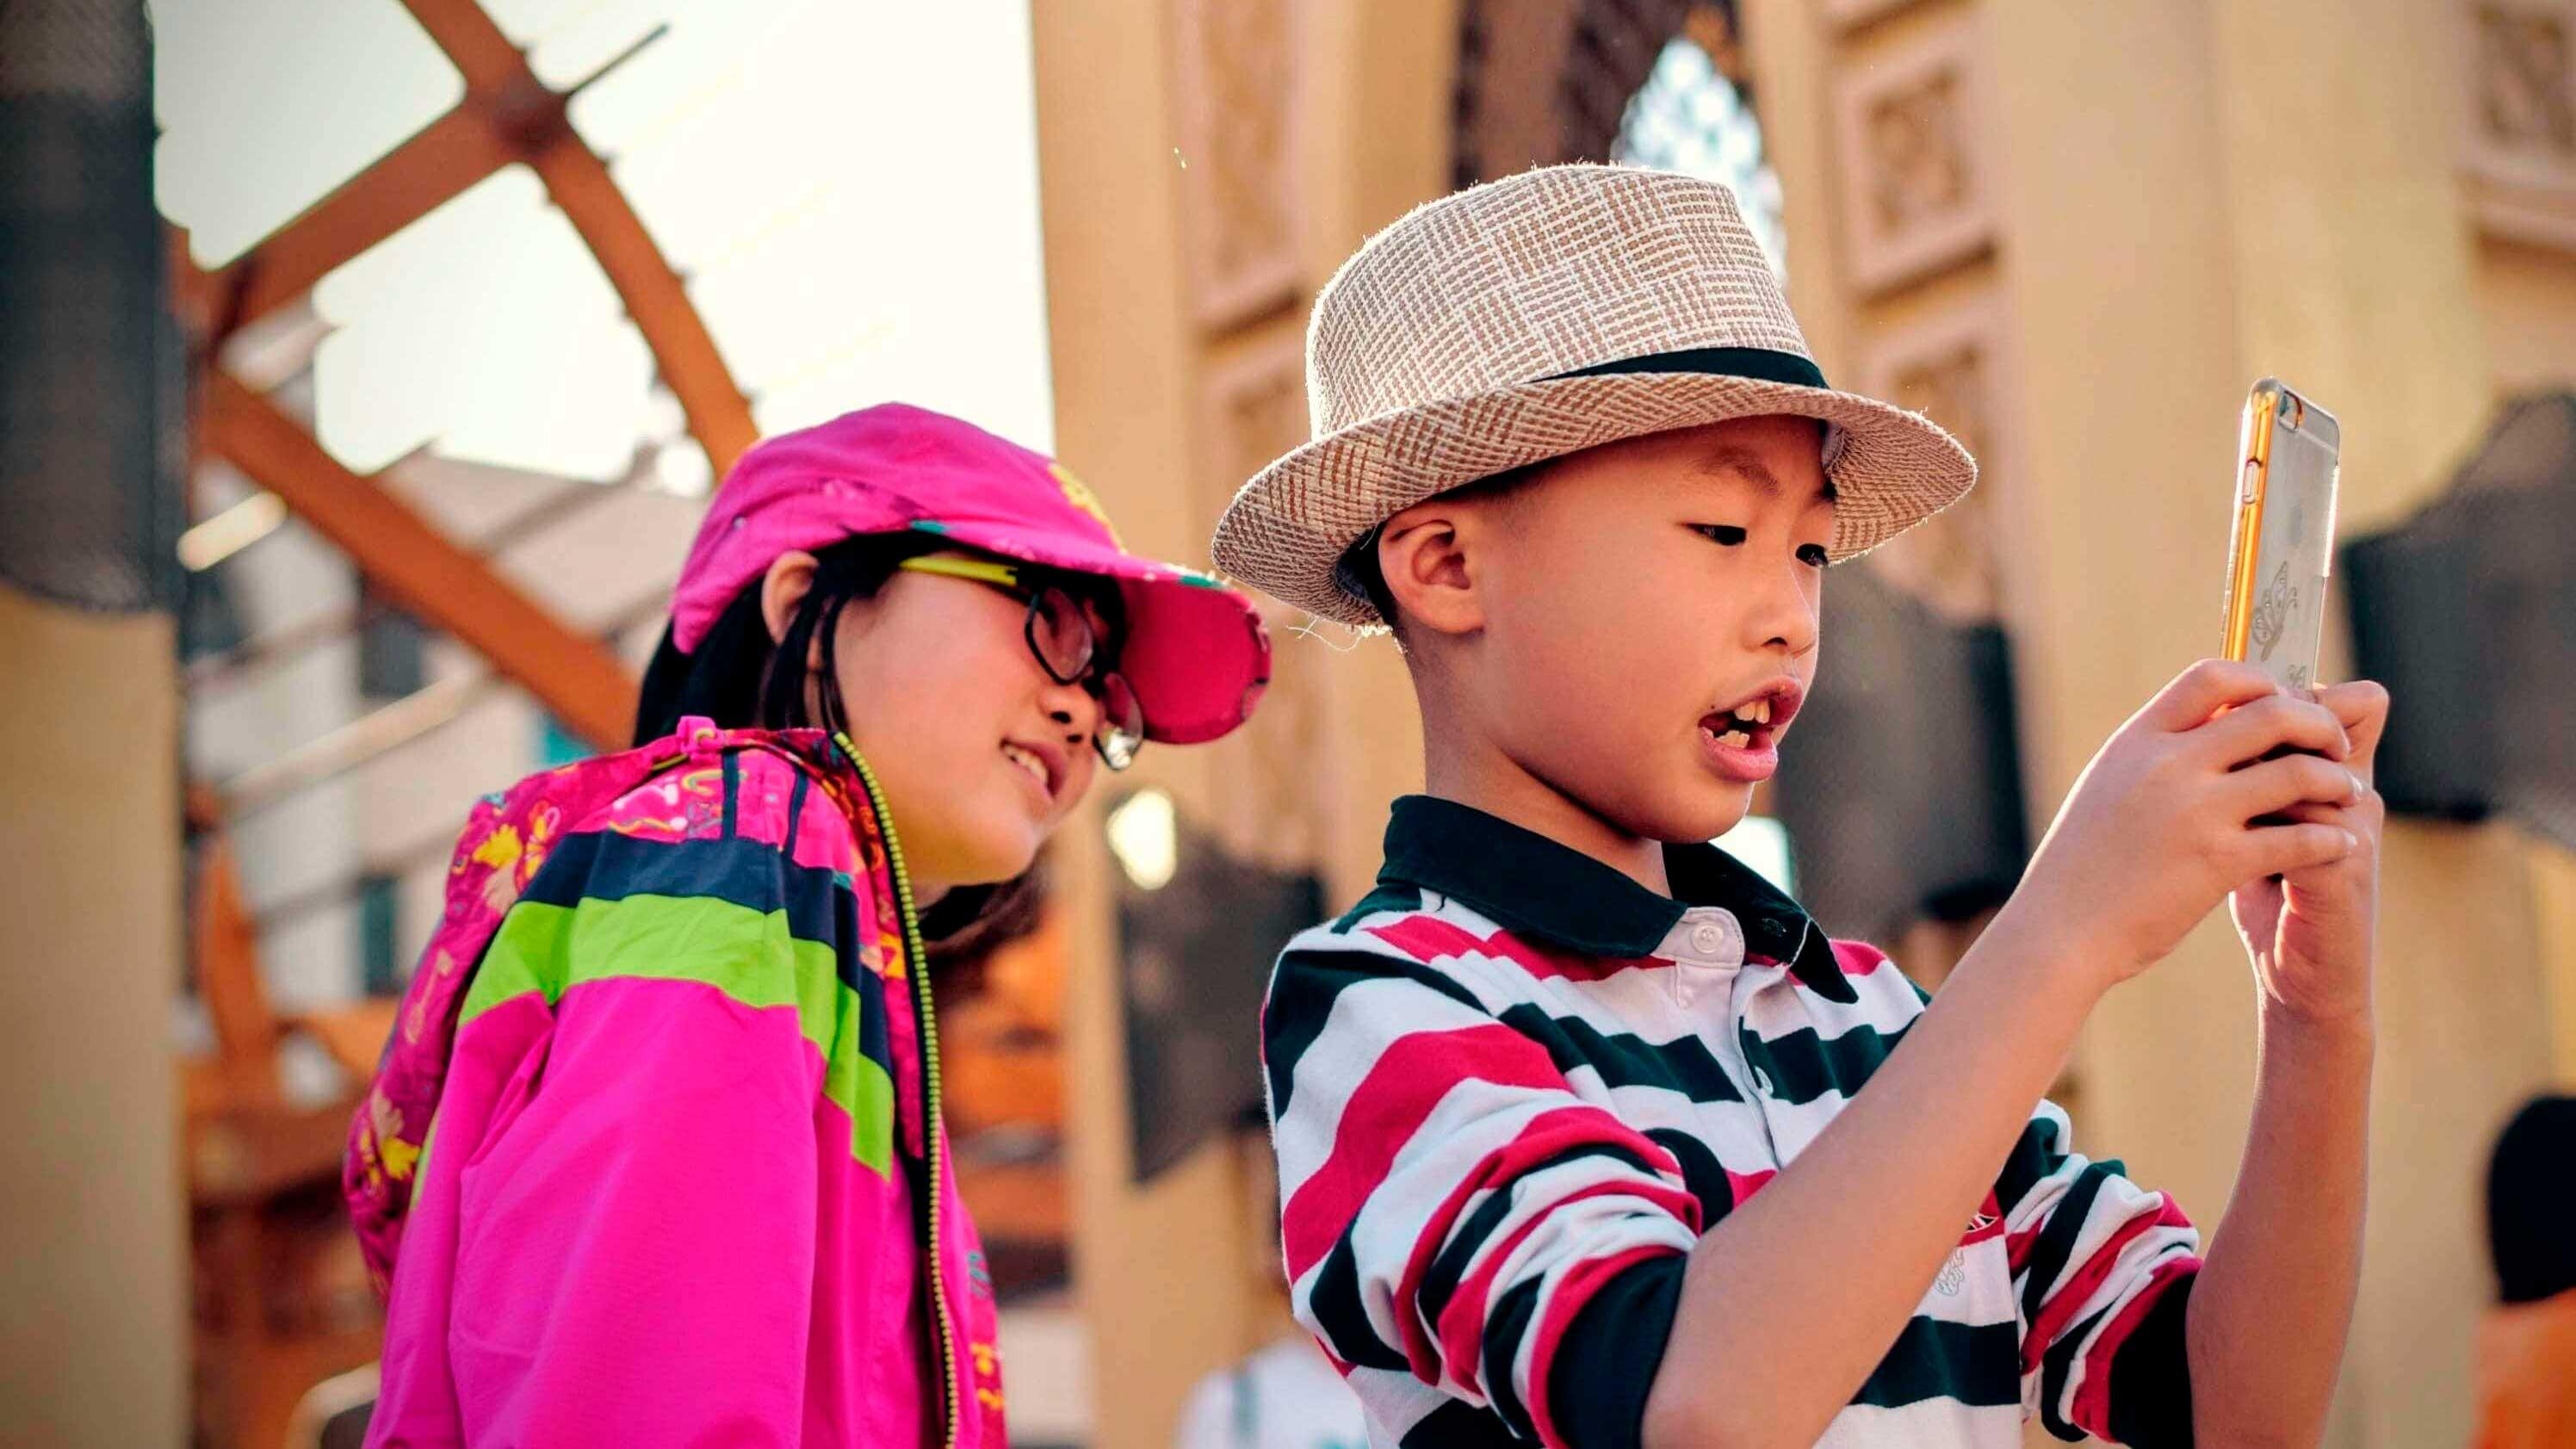 Crianças brincando com smartphone